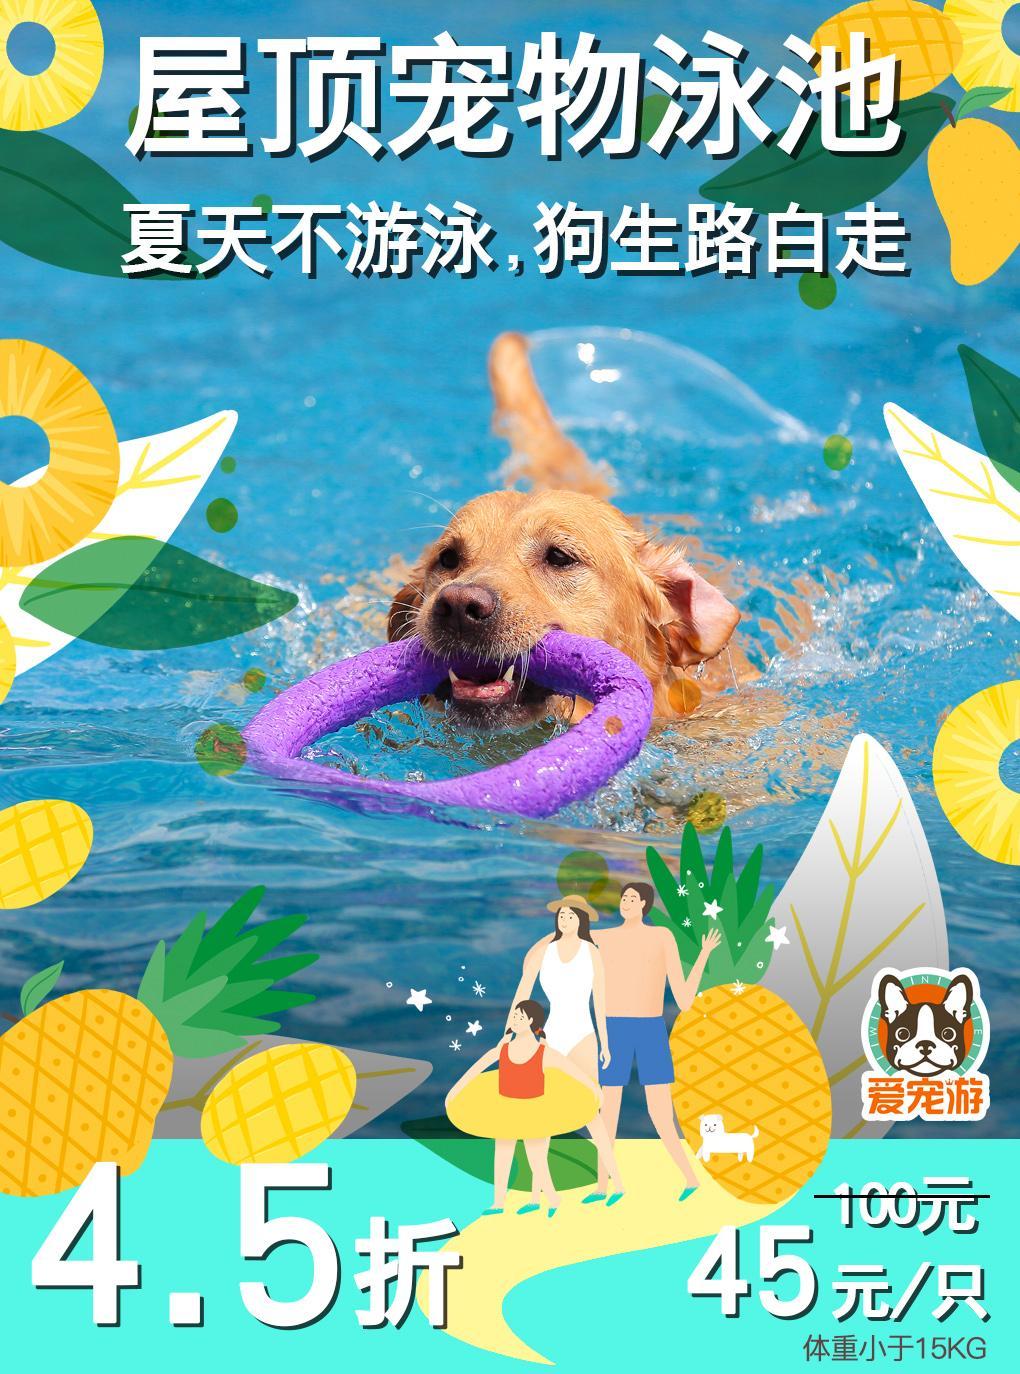 爱宠游 | 沪上宠物游泳券